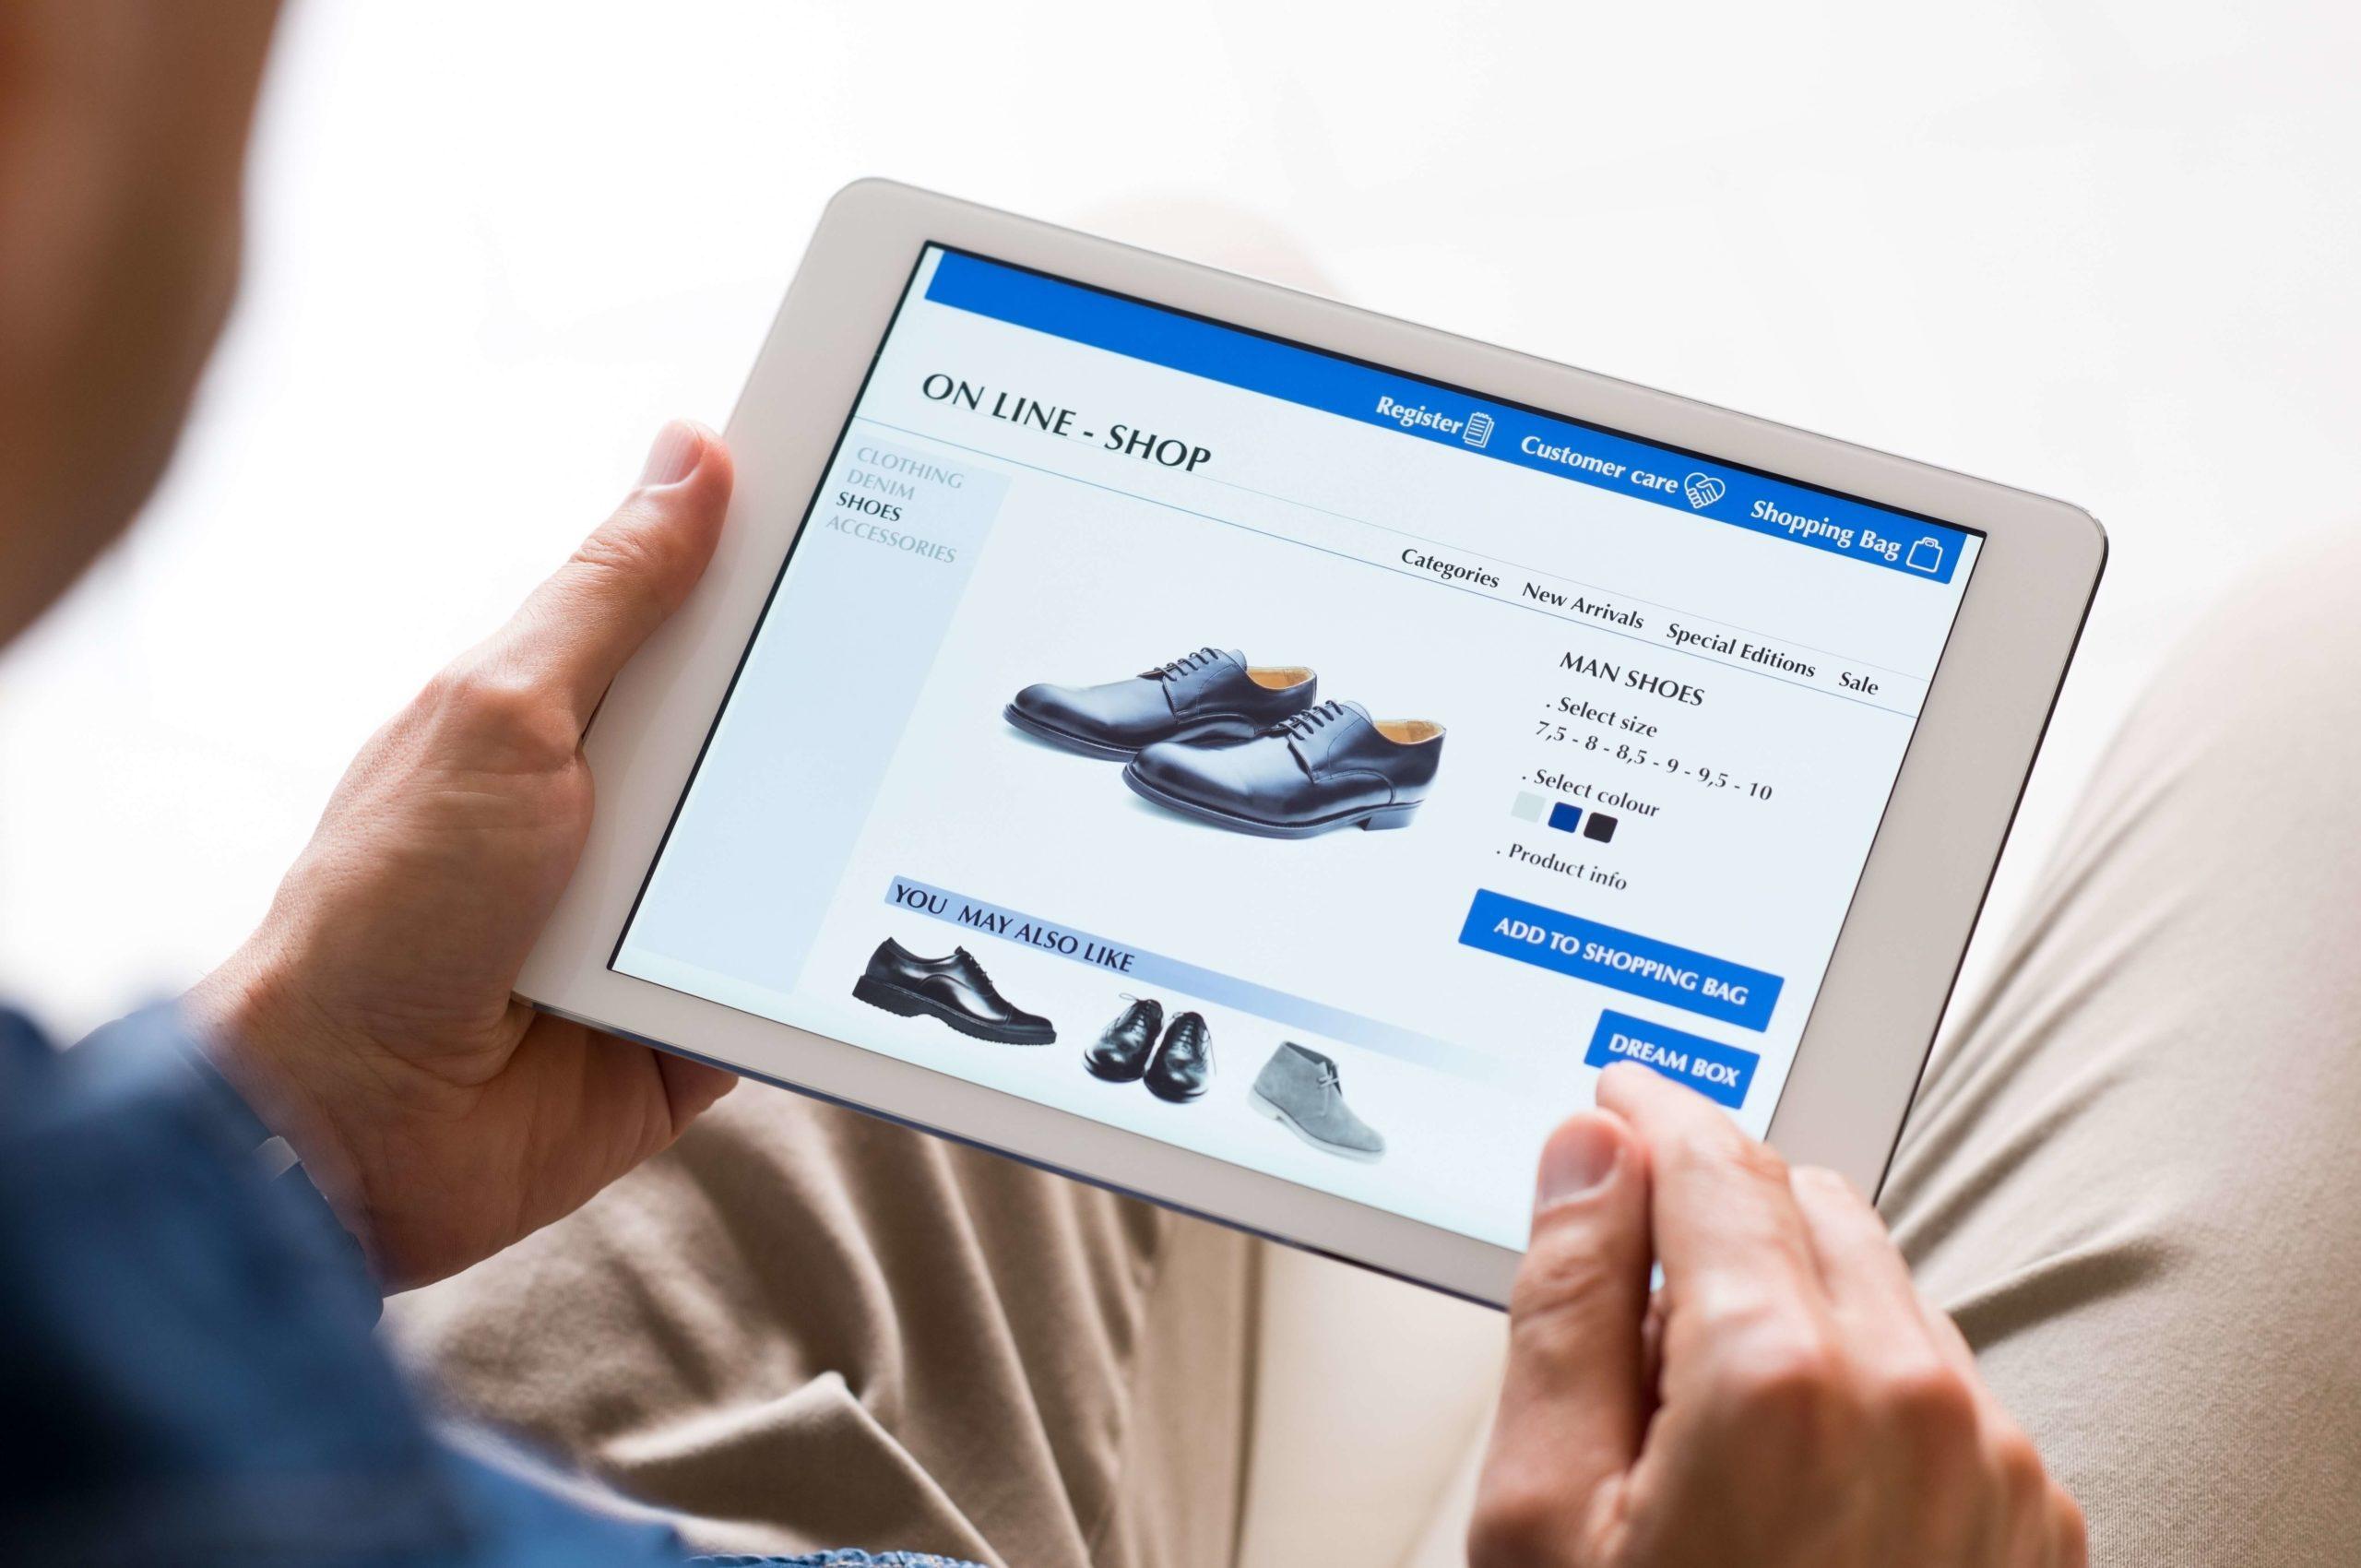 Venda os seus produtos online e impulsione o seu negócio